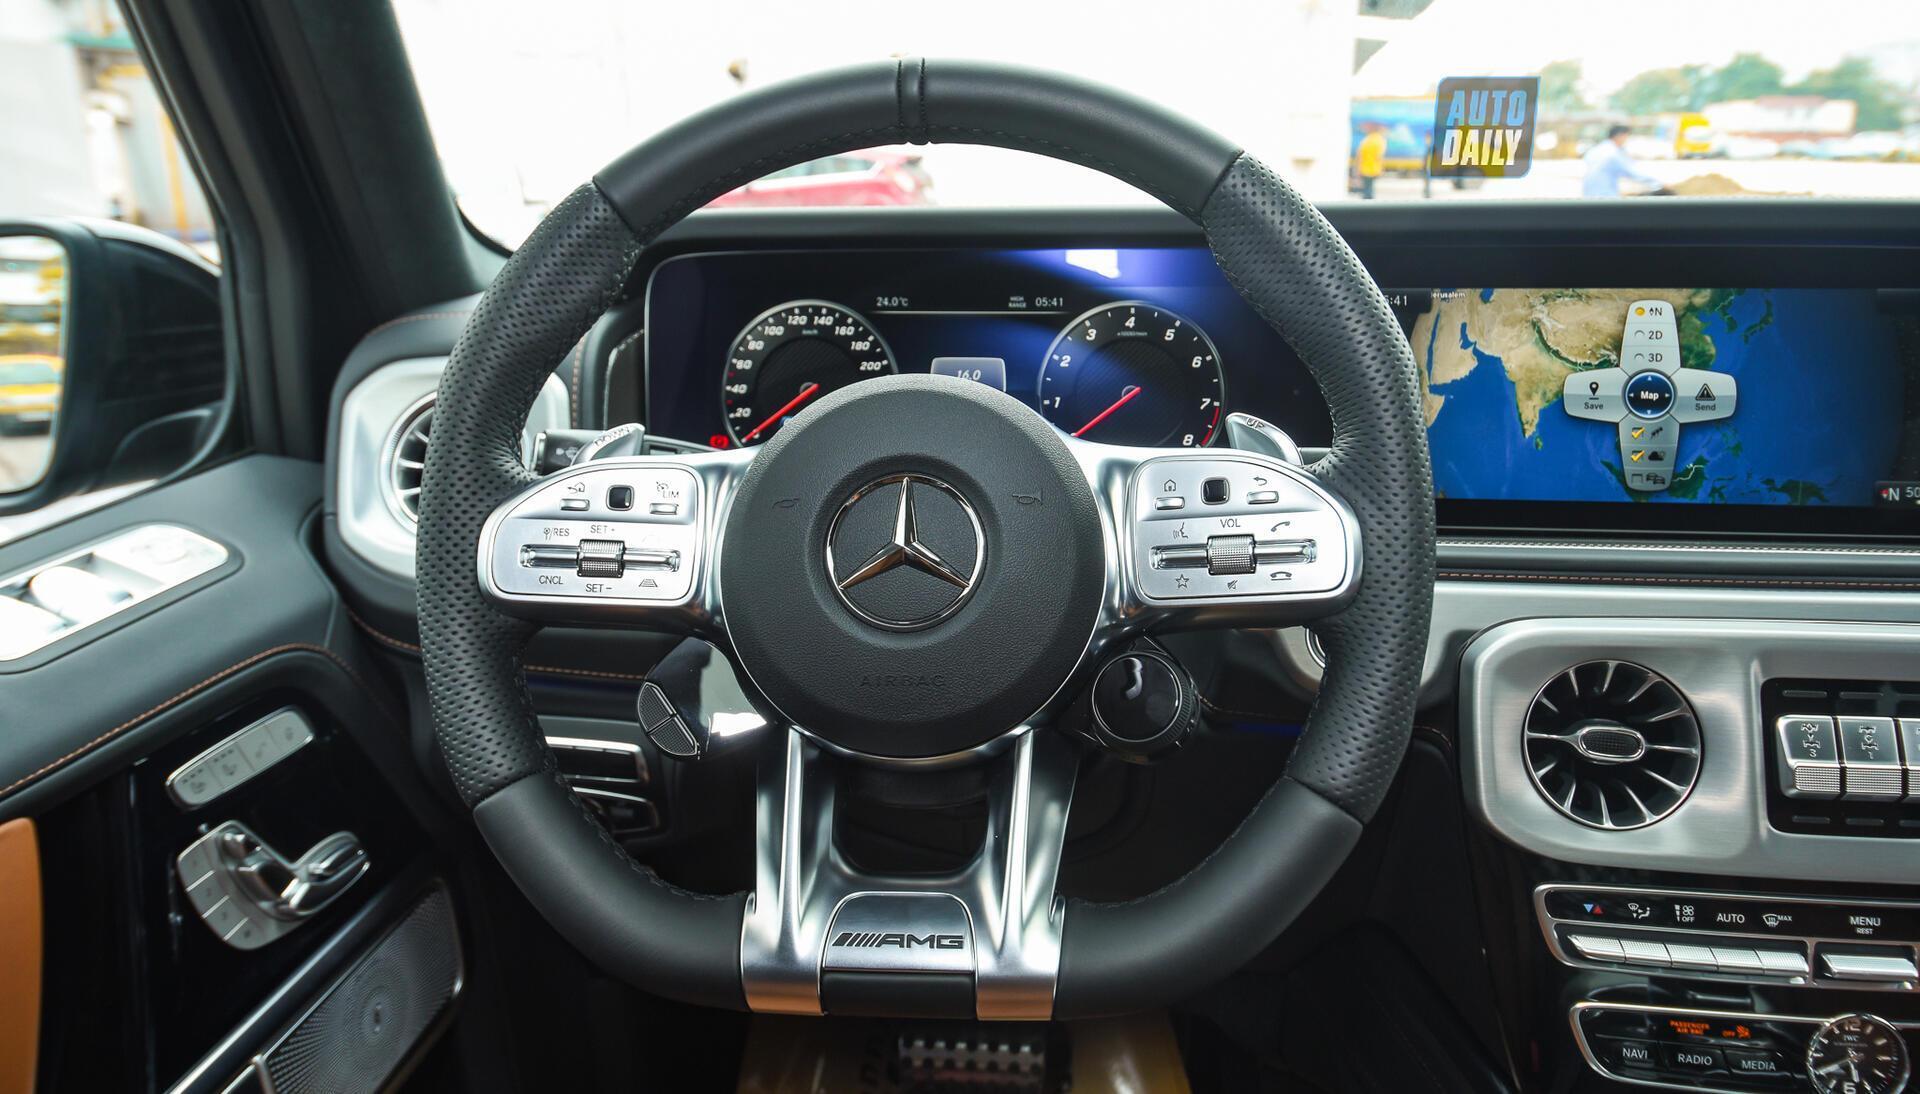 Ảnh chi tiết Mercedes G63 AMG 2021 bản cá nhân hoá giá khoảng 12 tỷ [13]